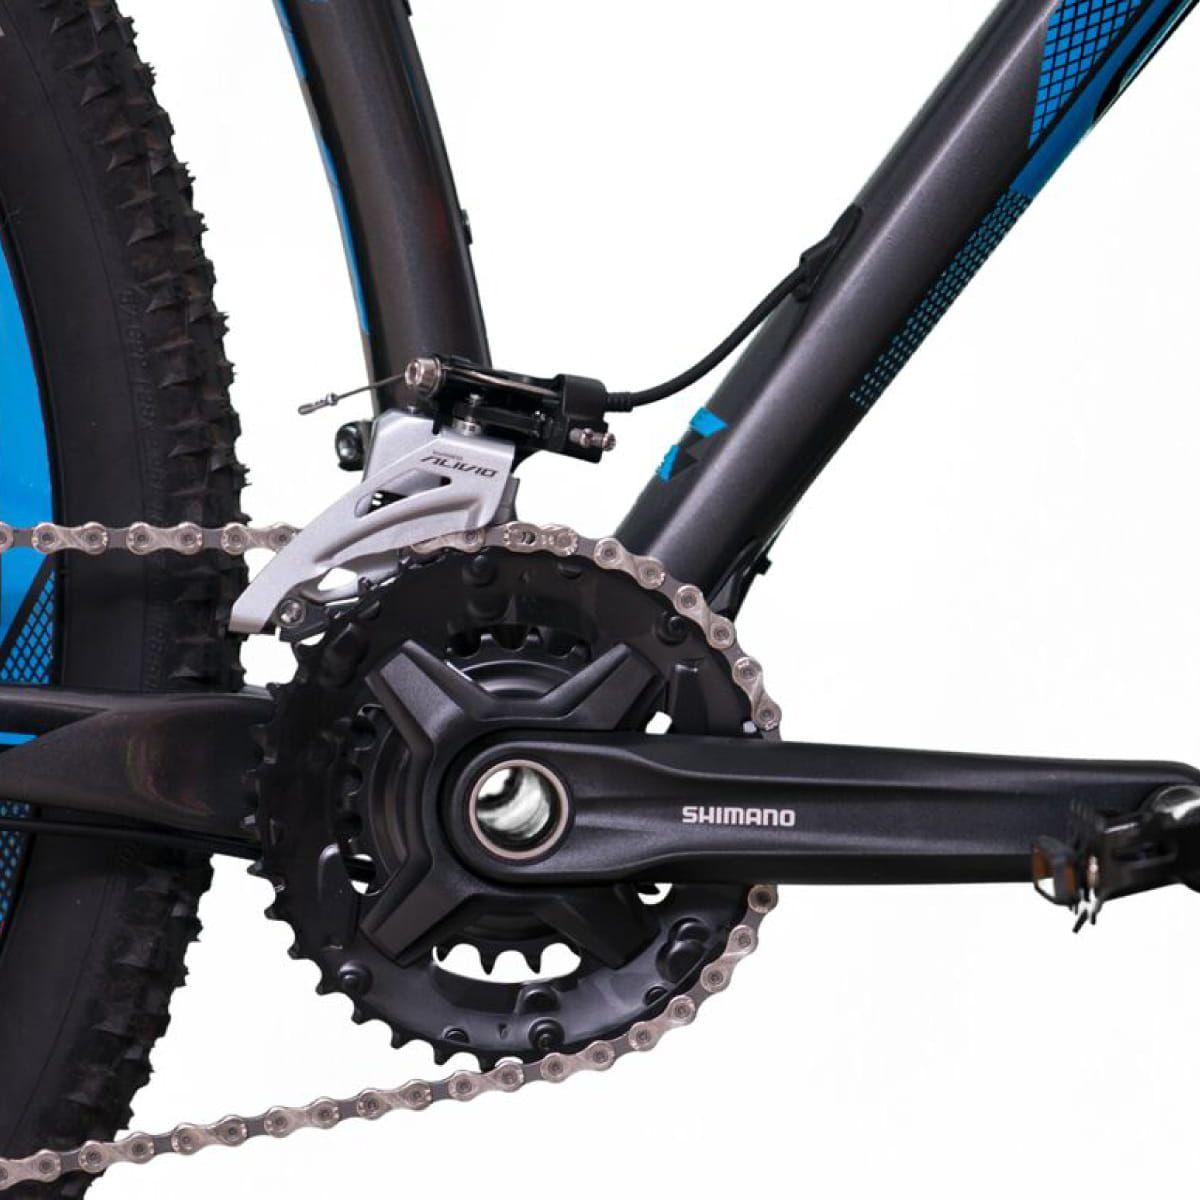 Bicicleta SENSE Impact Pro 2019 - 18v Shimano Alívio - Suspensão Suntour a AR - Cinza/Azul